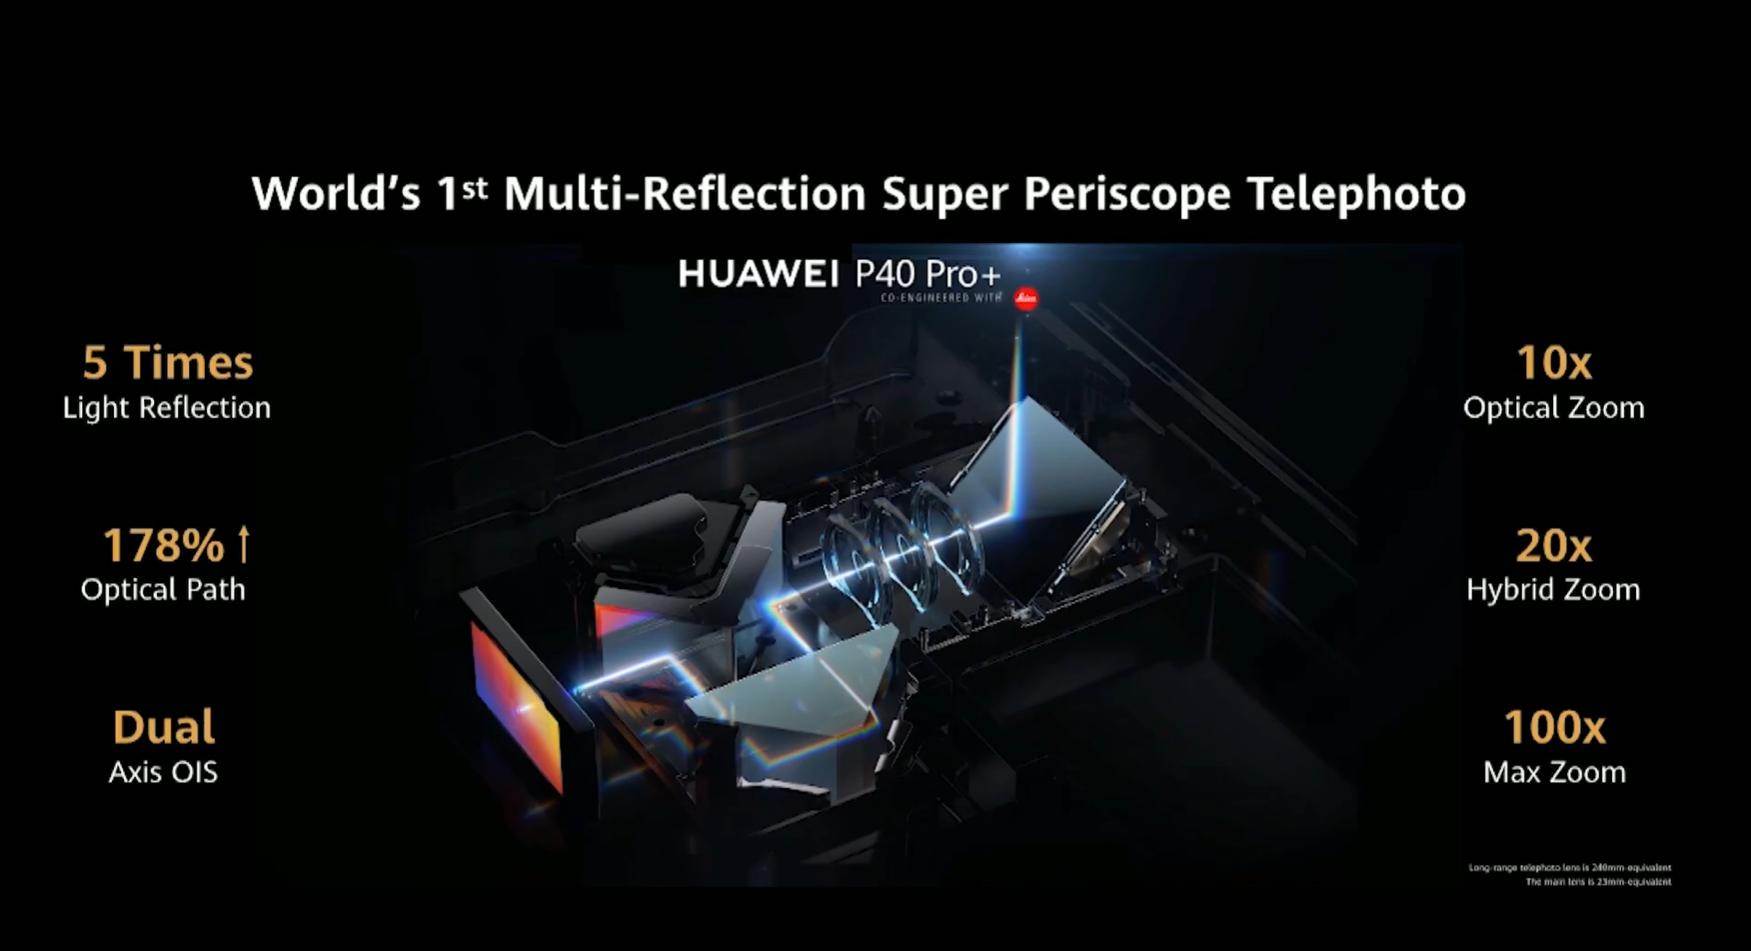 P40 Pro+ 潜望式镜头规格